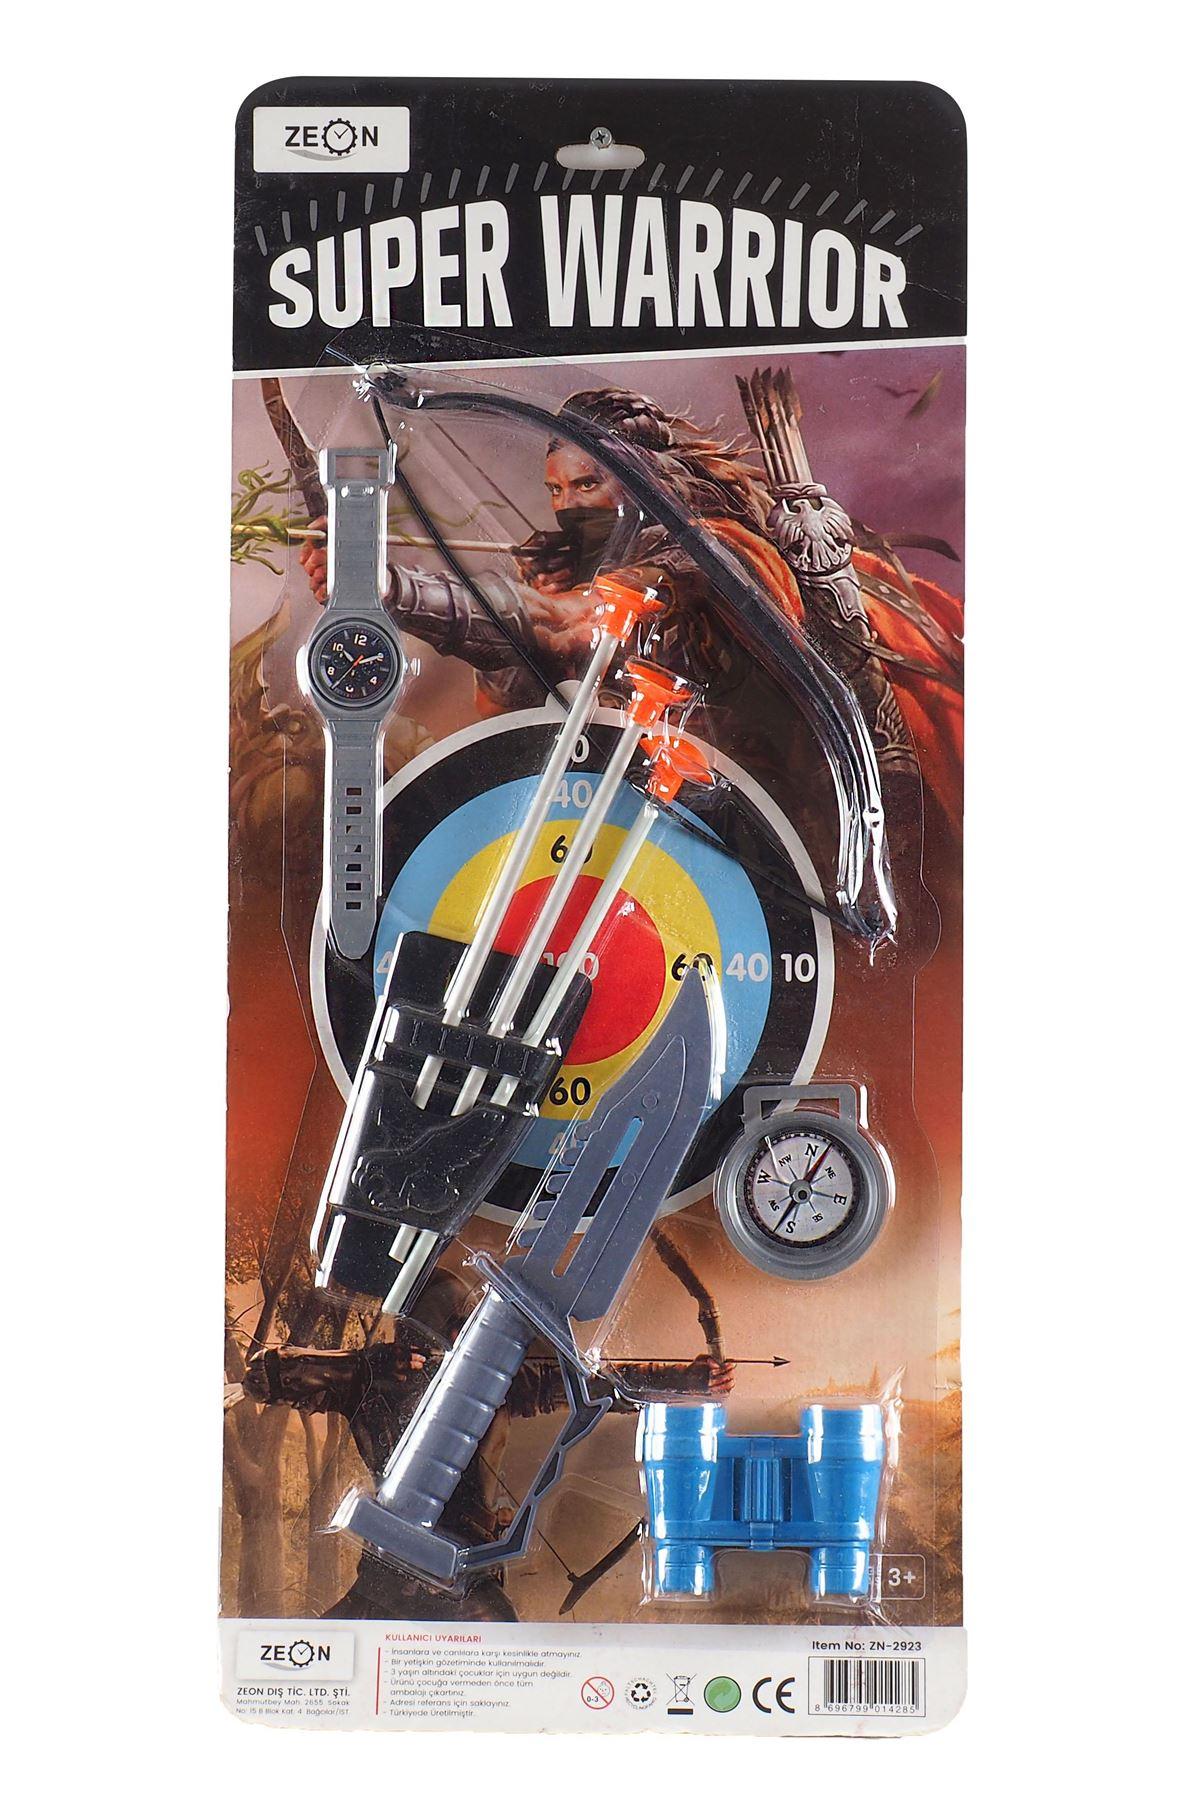 Super Warrior Dürbünlü Savaşcı Seti 9 Parça